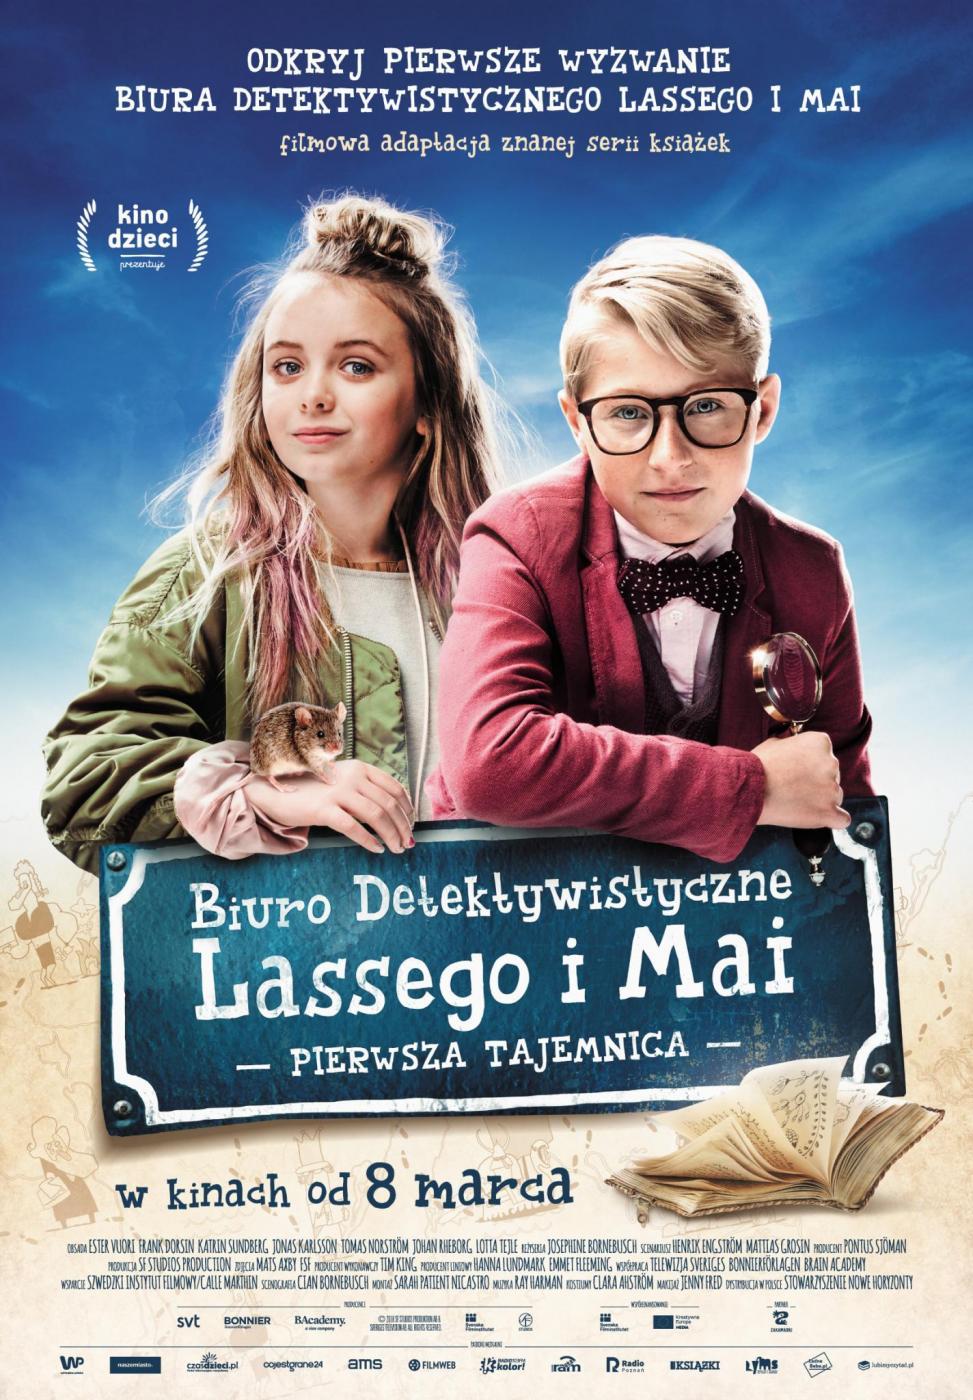 Janosik Dzieciom: Biuro Detektywistyczne Lassego i Mai. Pierwsza tajemnica